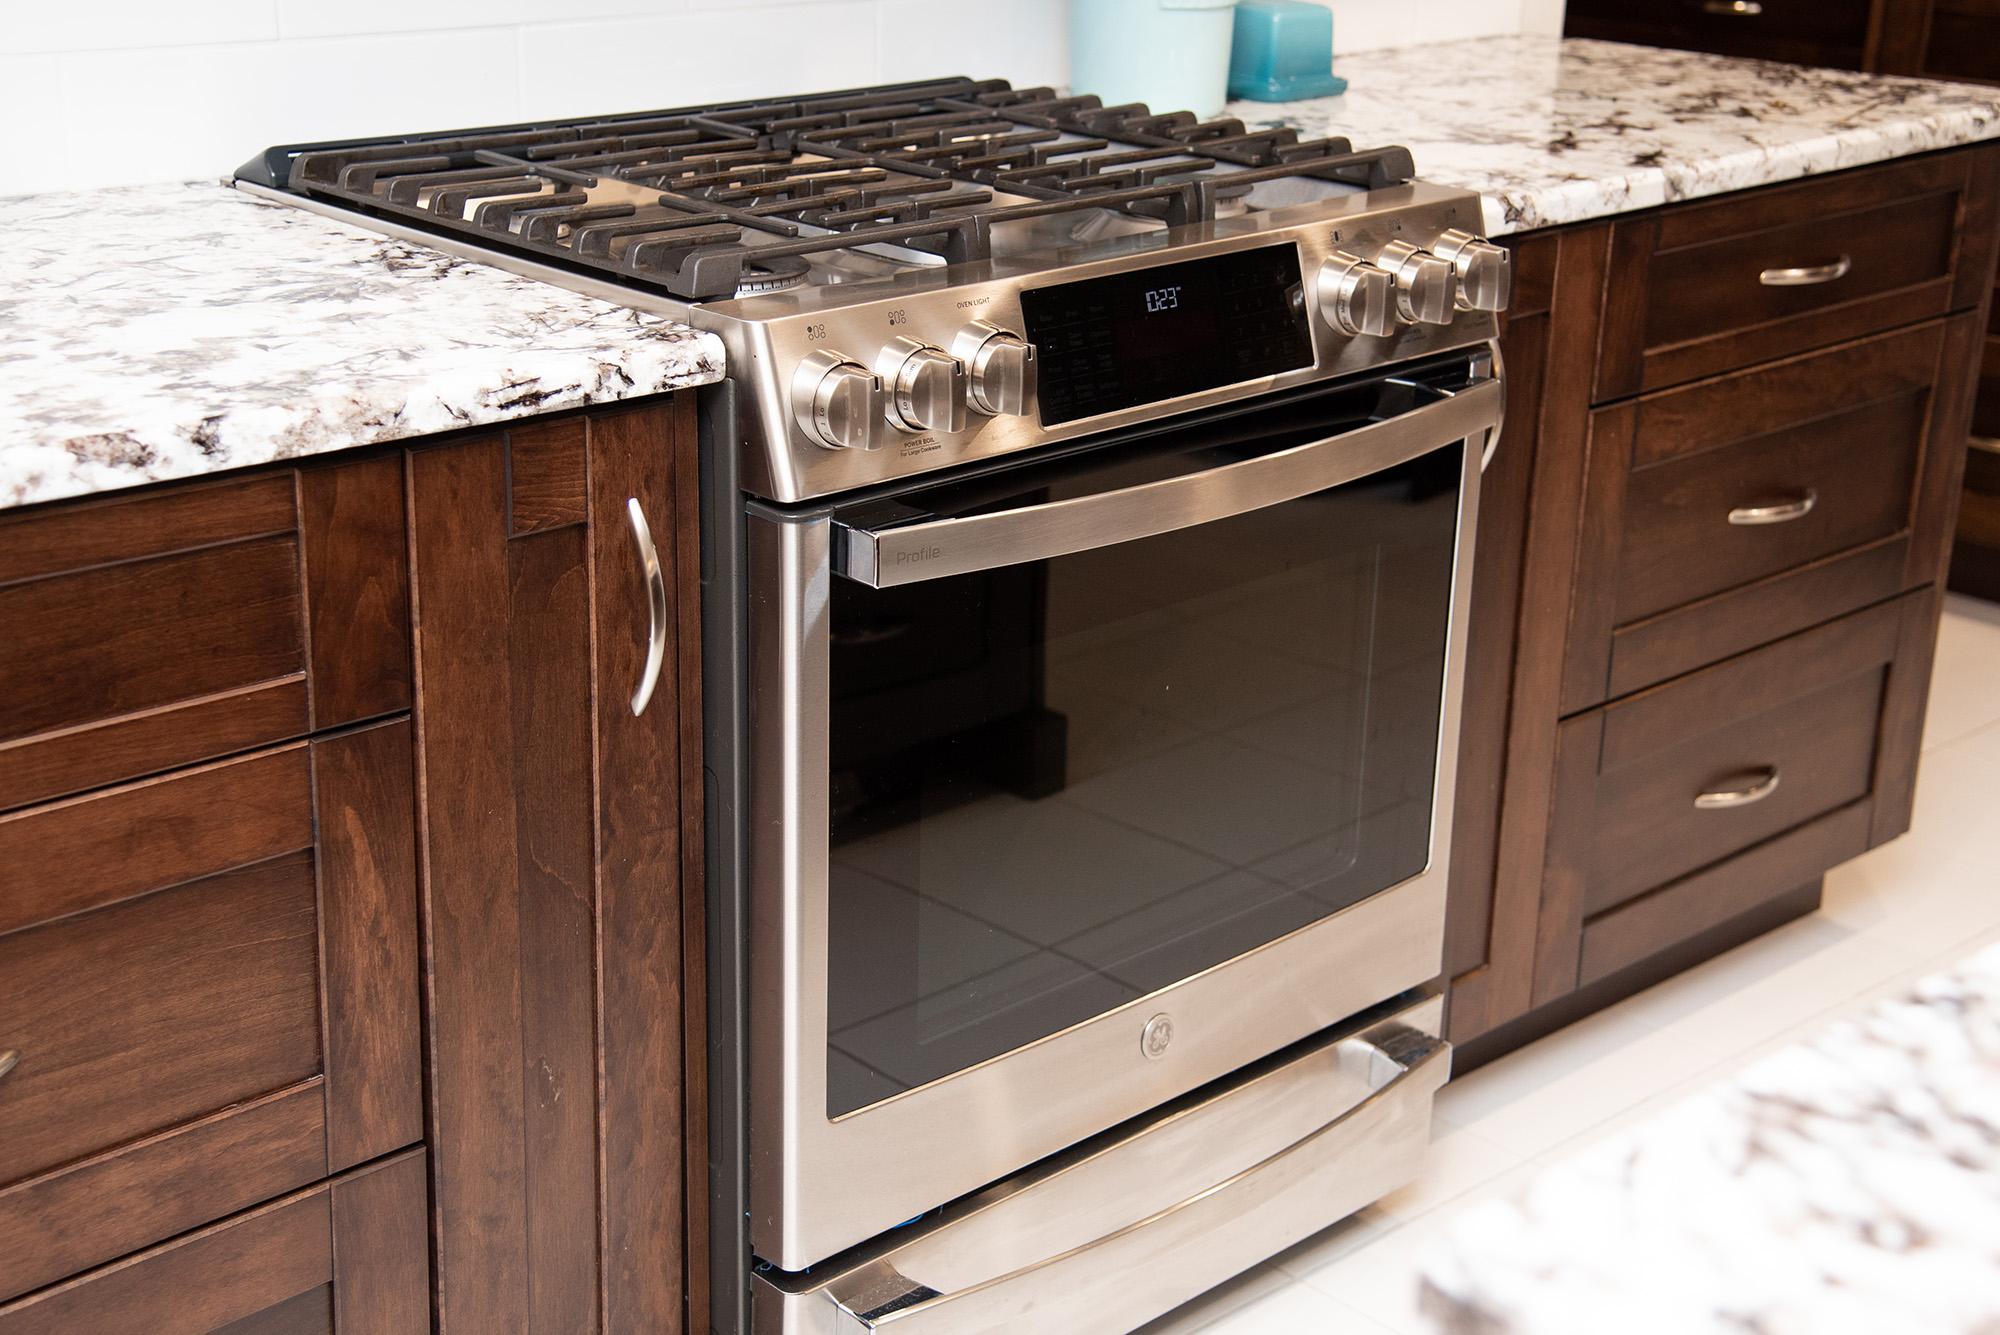 Armenti-stove